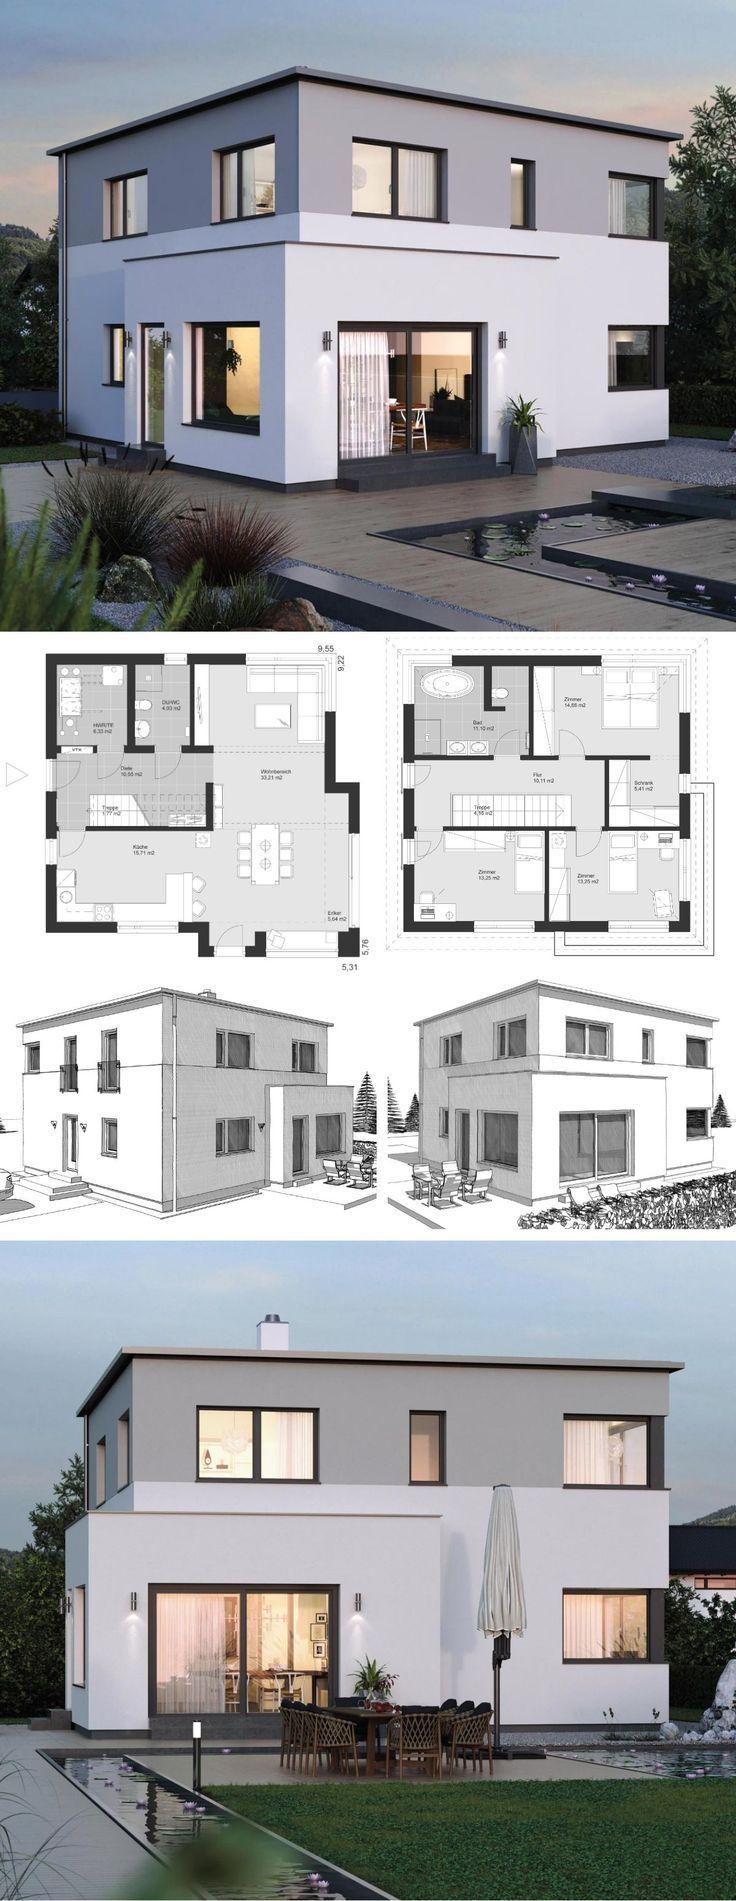 Modernes Einfamilienhaus Neubau Grundriss mit Flachdach Architektur & Erker Anba